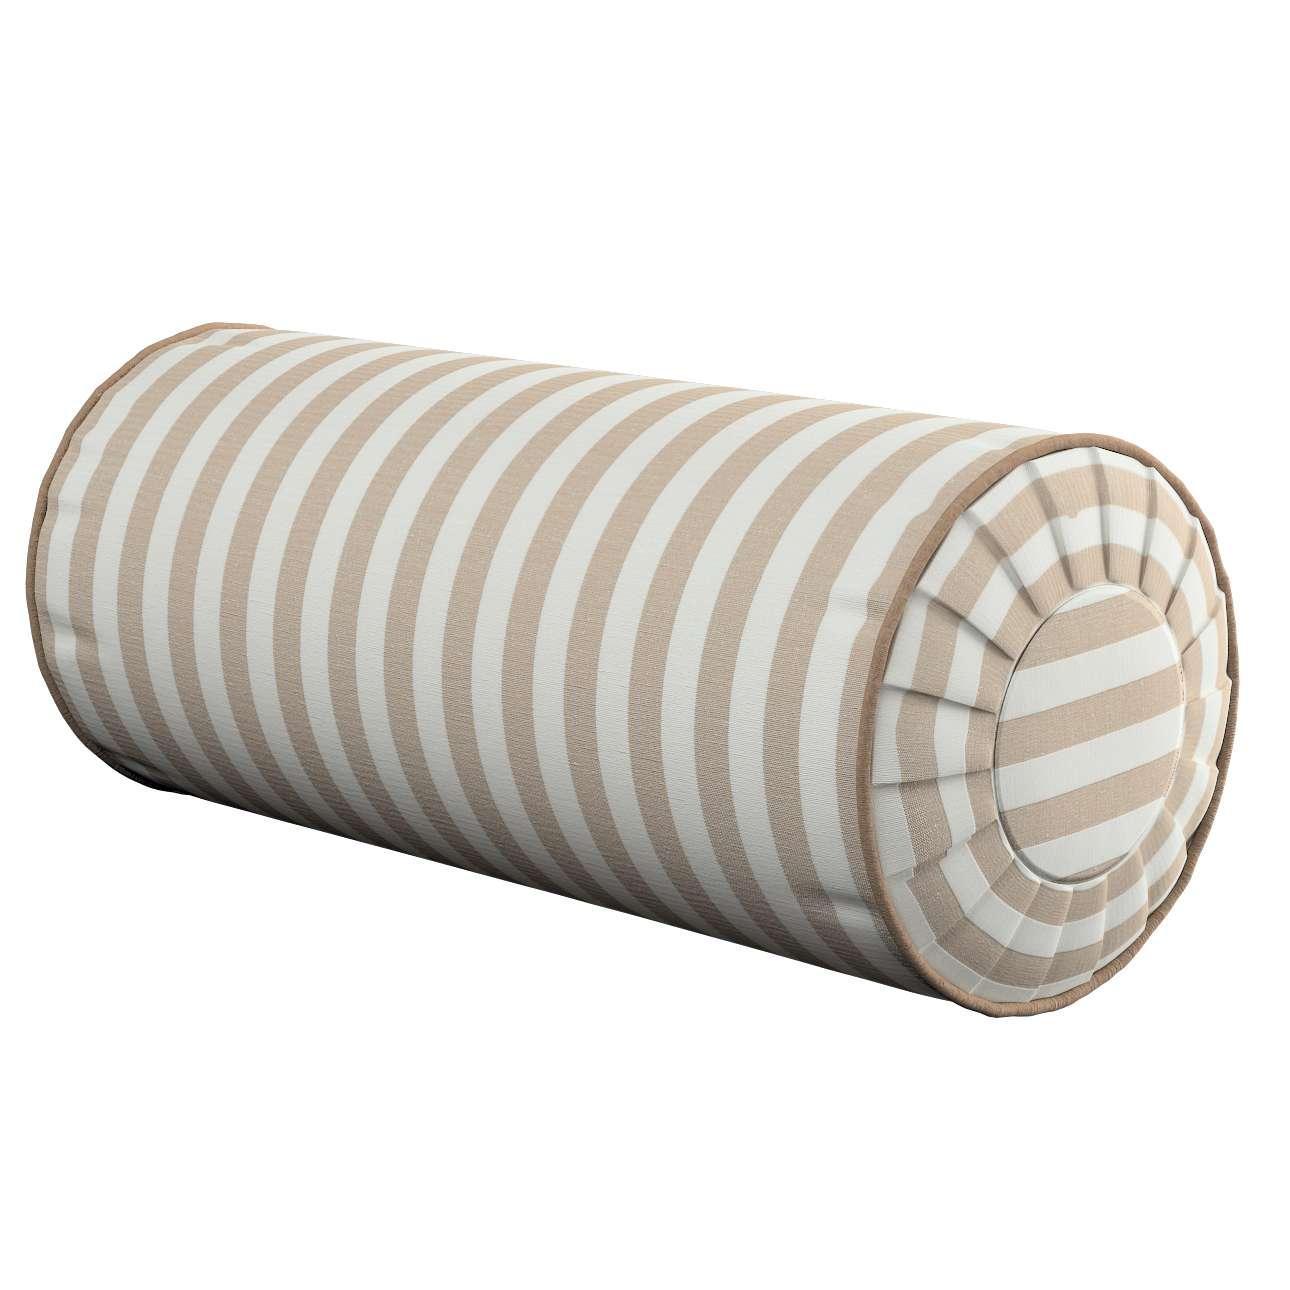 Nakkepute med folder Ø 20 x 50 cm fra kolleksjonen Quadro, Stoffets bredde: 136-07